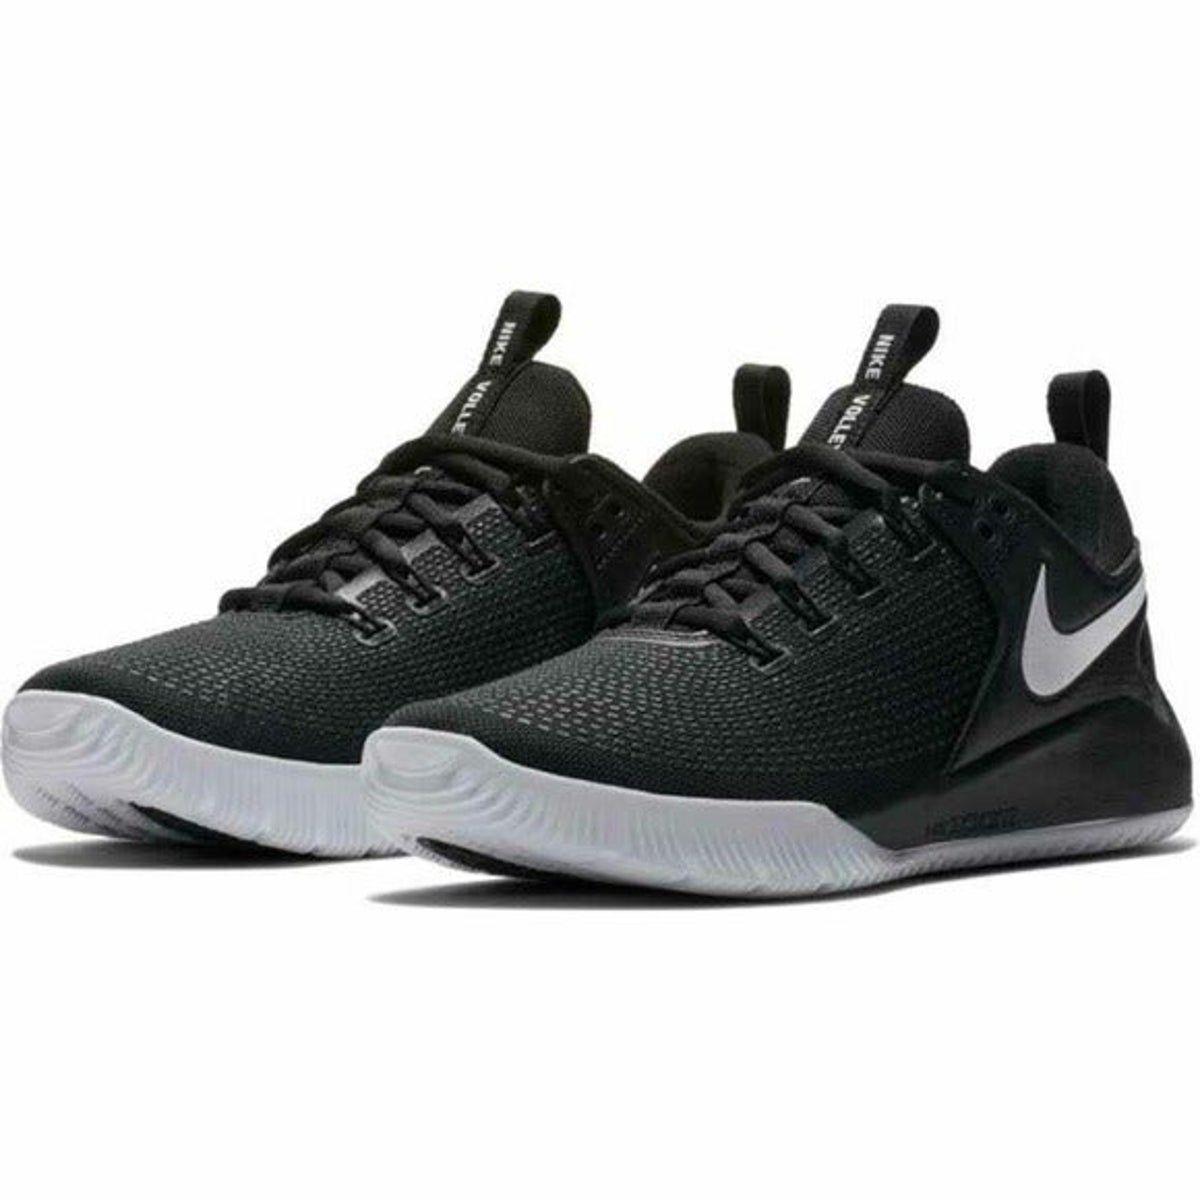 Nike Hyperace Volleyball Shoe Women Sz 8 Hyperace Nike Shoe Volleyball Women In 2020 Best Volleyball Shoes Nike Volleyball Shoes Volleyball Shoes